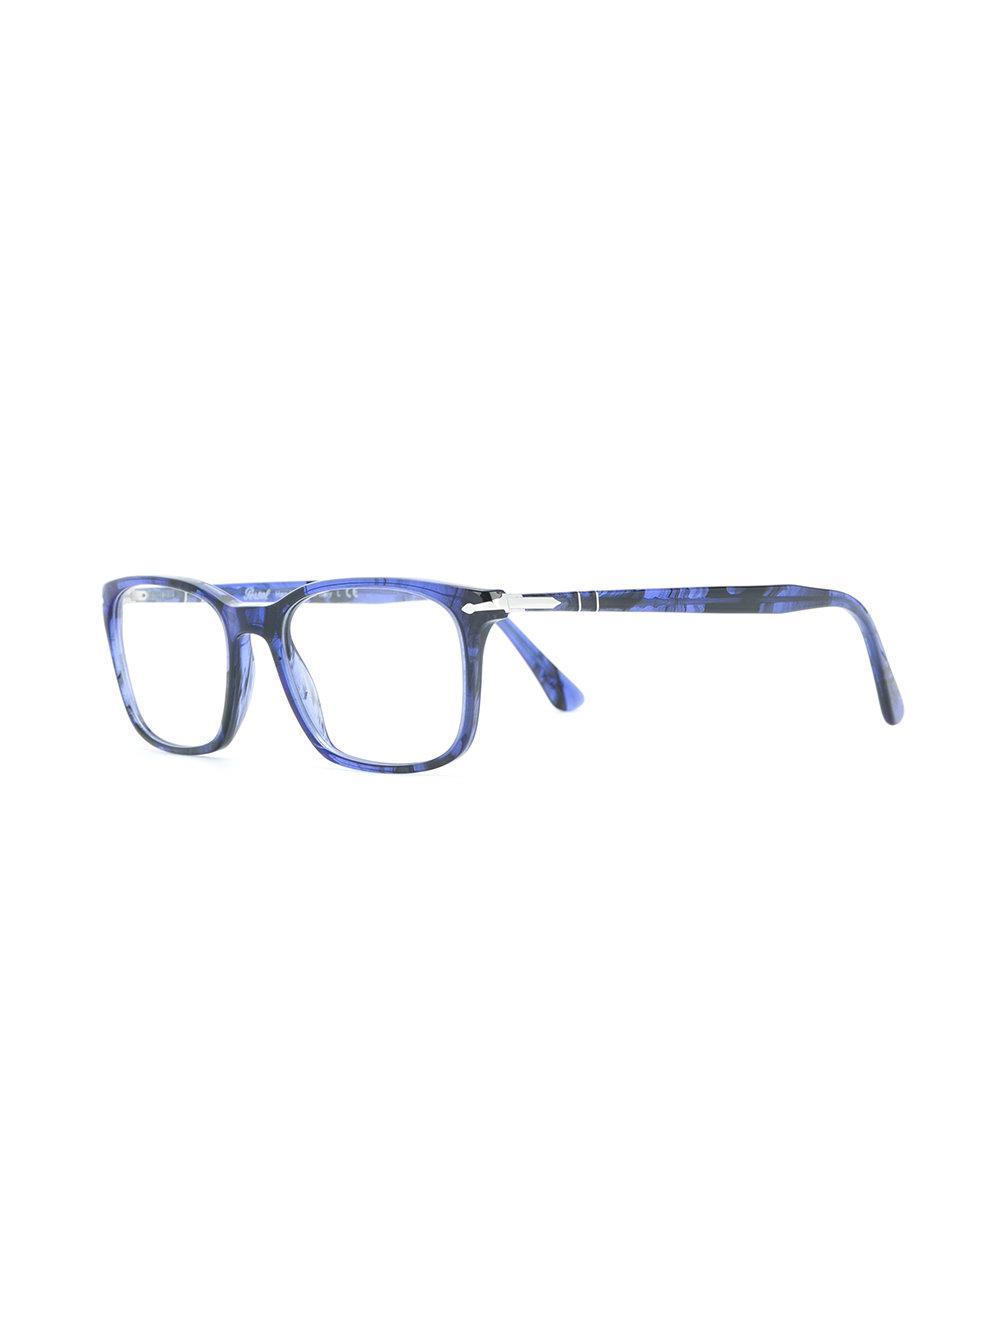 Lunettes Blue Persol Pour Vue En À Homme Rectangulaire De Monture Coloris UVMSzp